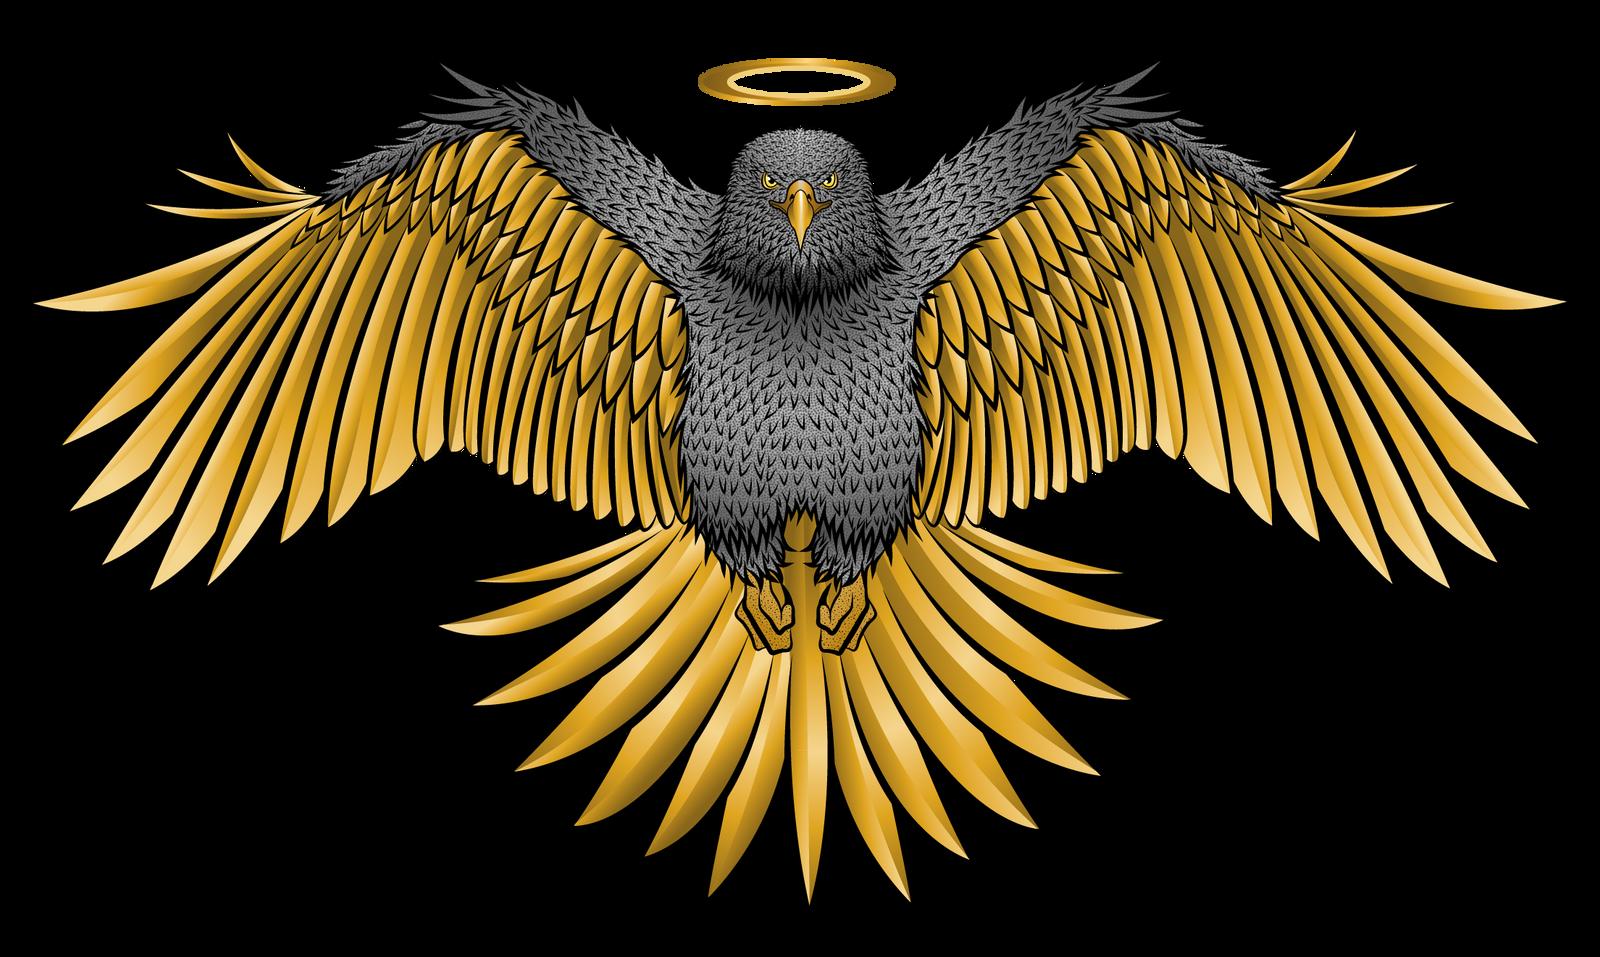 golden eagle logo png